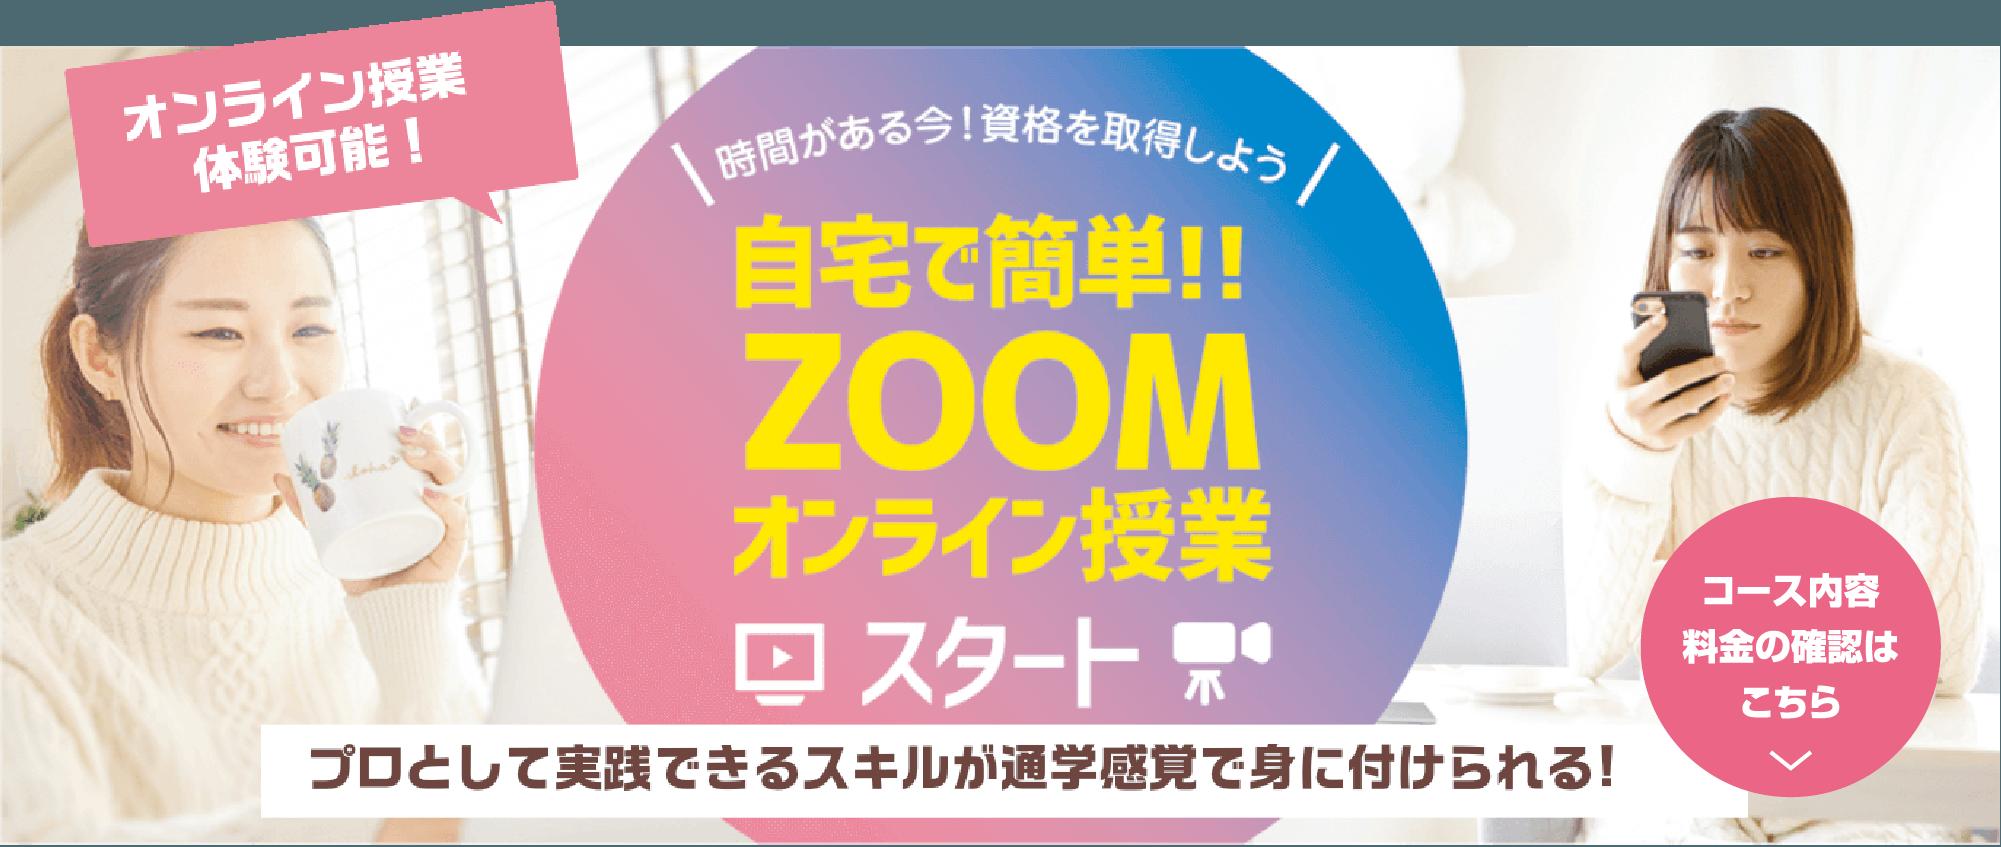 ネイルコース【オンライン】